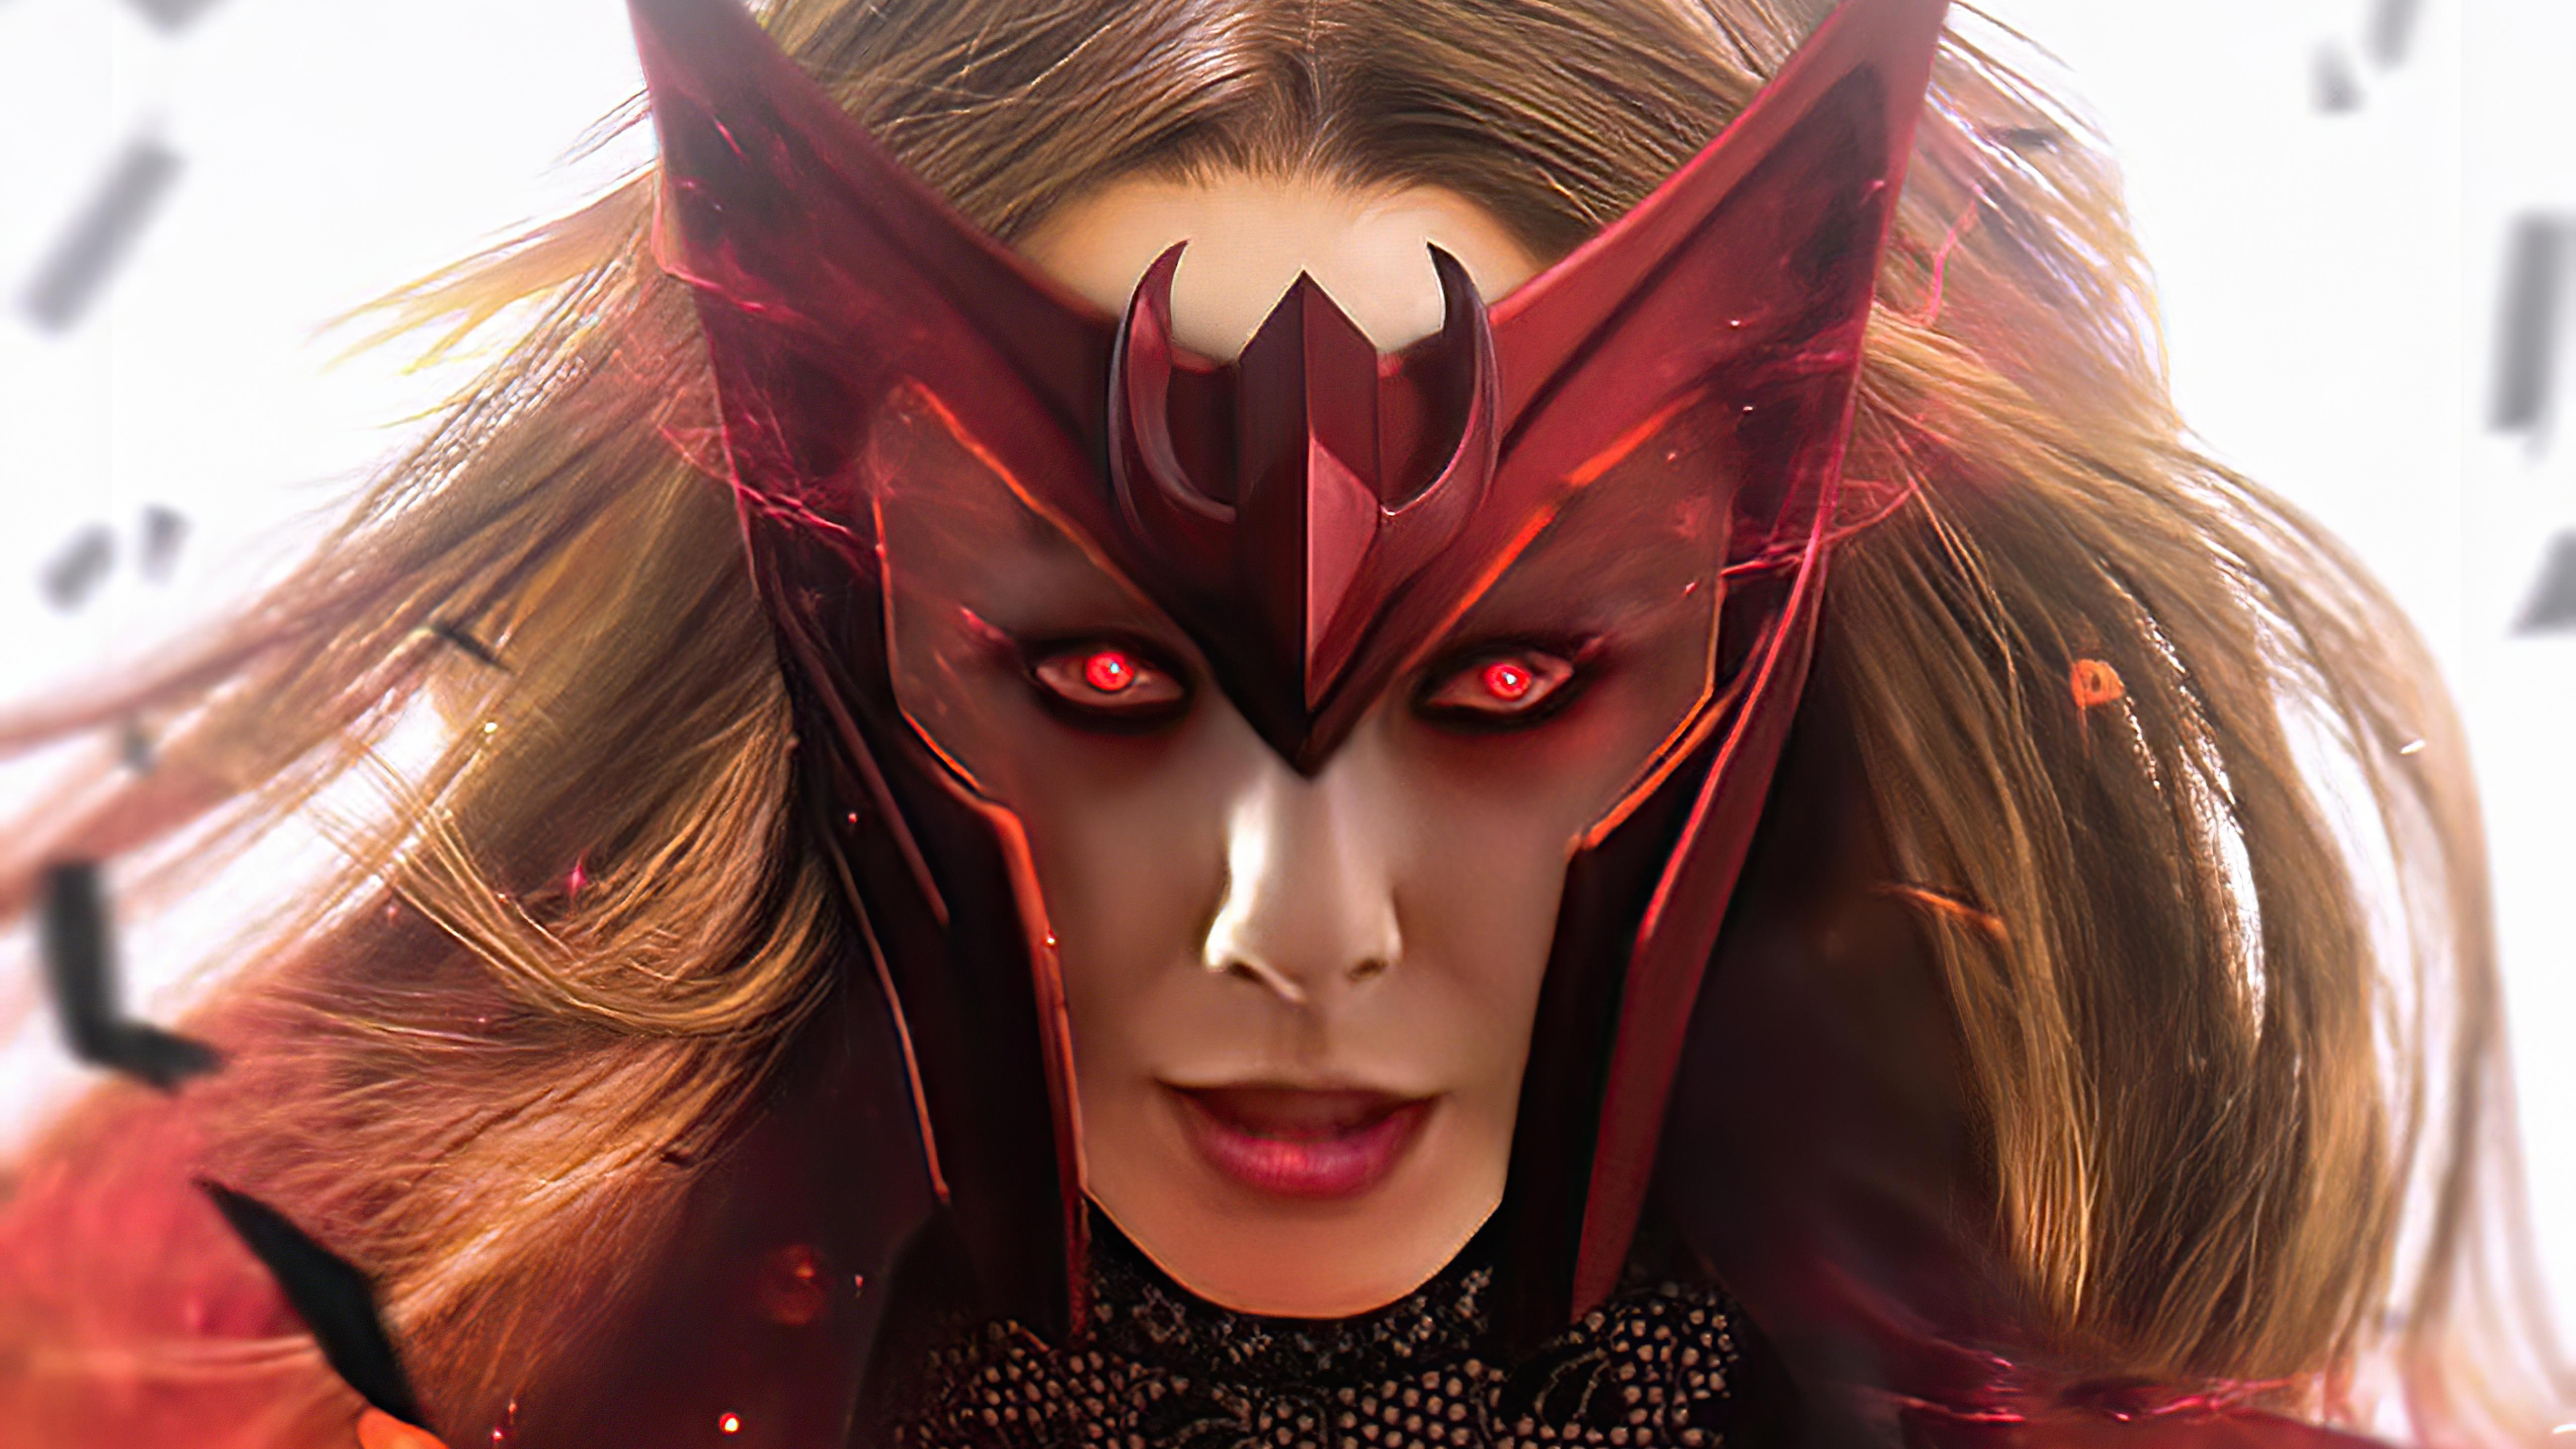 Wallpaper Scarlet Witch Wanda